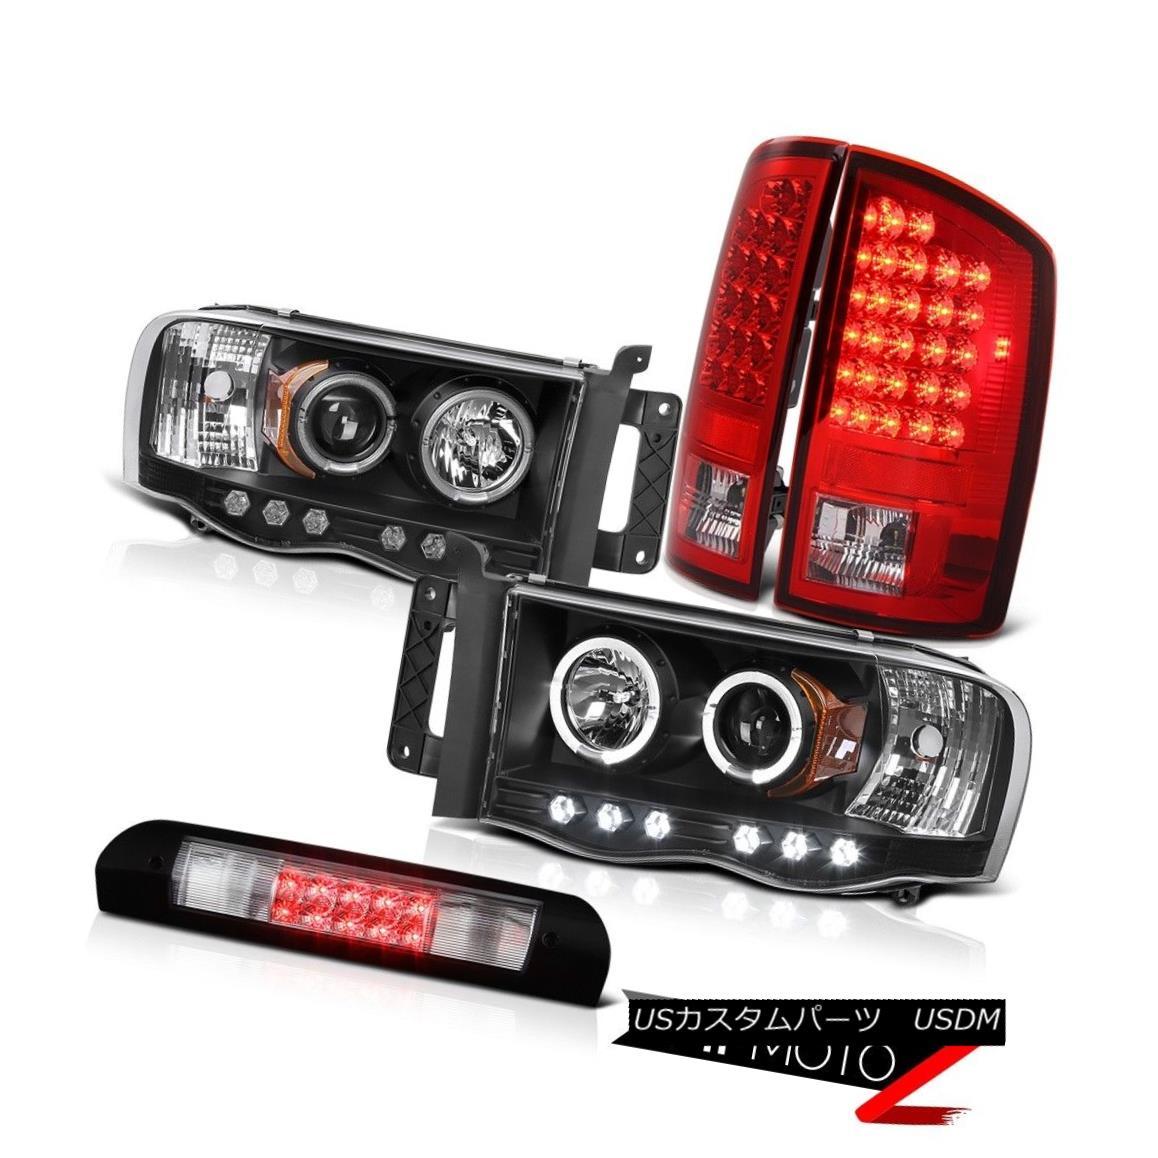 ヘッドライト 2x Angel Eye Headlights Signal Taillamps Third Brake Cargo 02 03 04 05 Ram 2500 2xエンジェルアイヘッドライト信号タイルランプ第3ブレーキ貨物02 03 04 05 Ram 2500